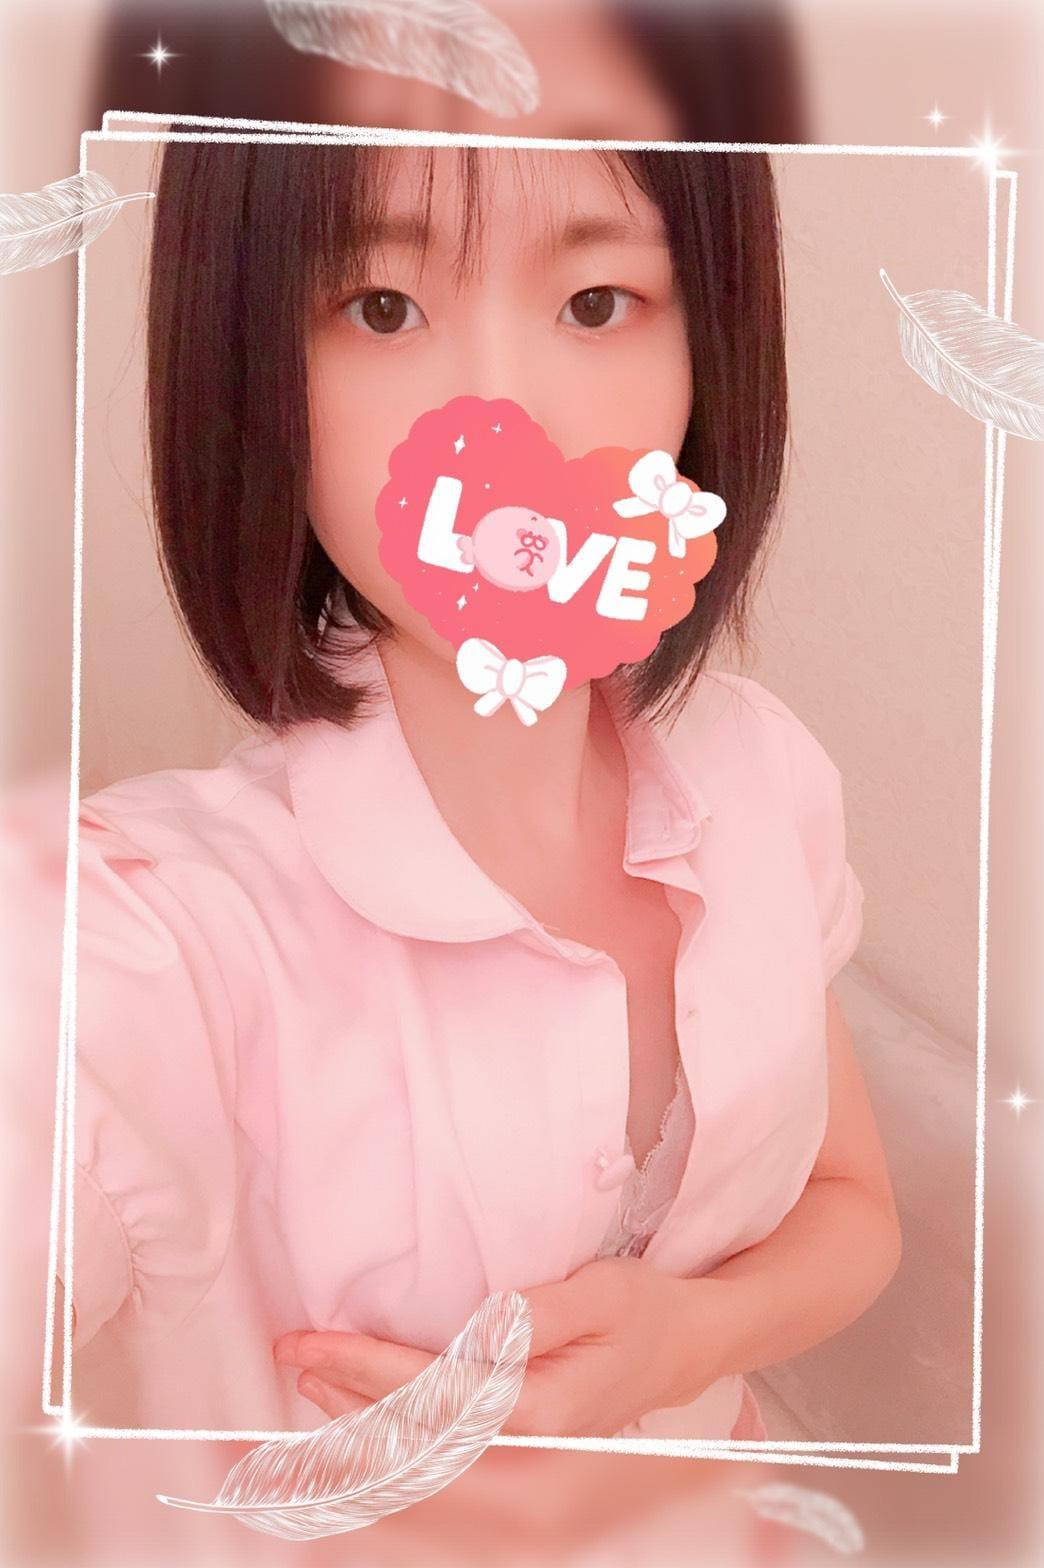 「15時から☆」04/01(木) 14:26 | 長谷部ゆきの写メ日記